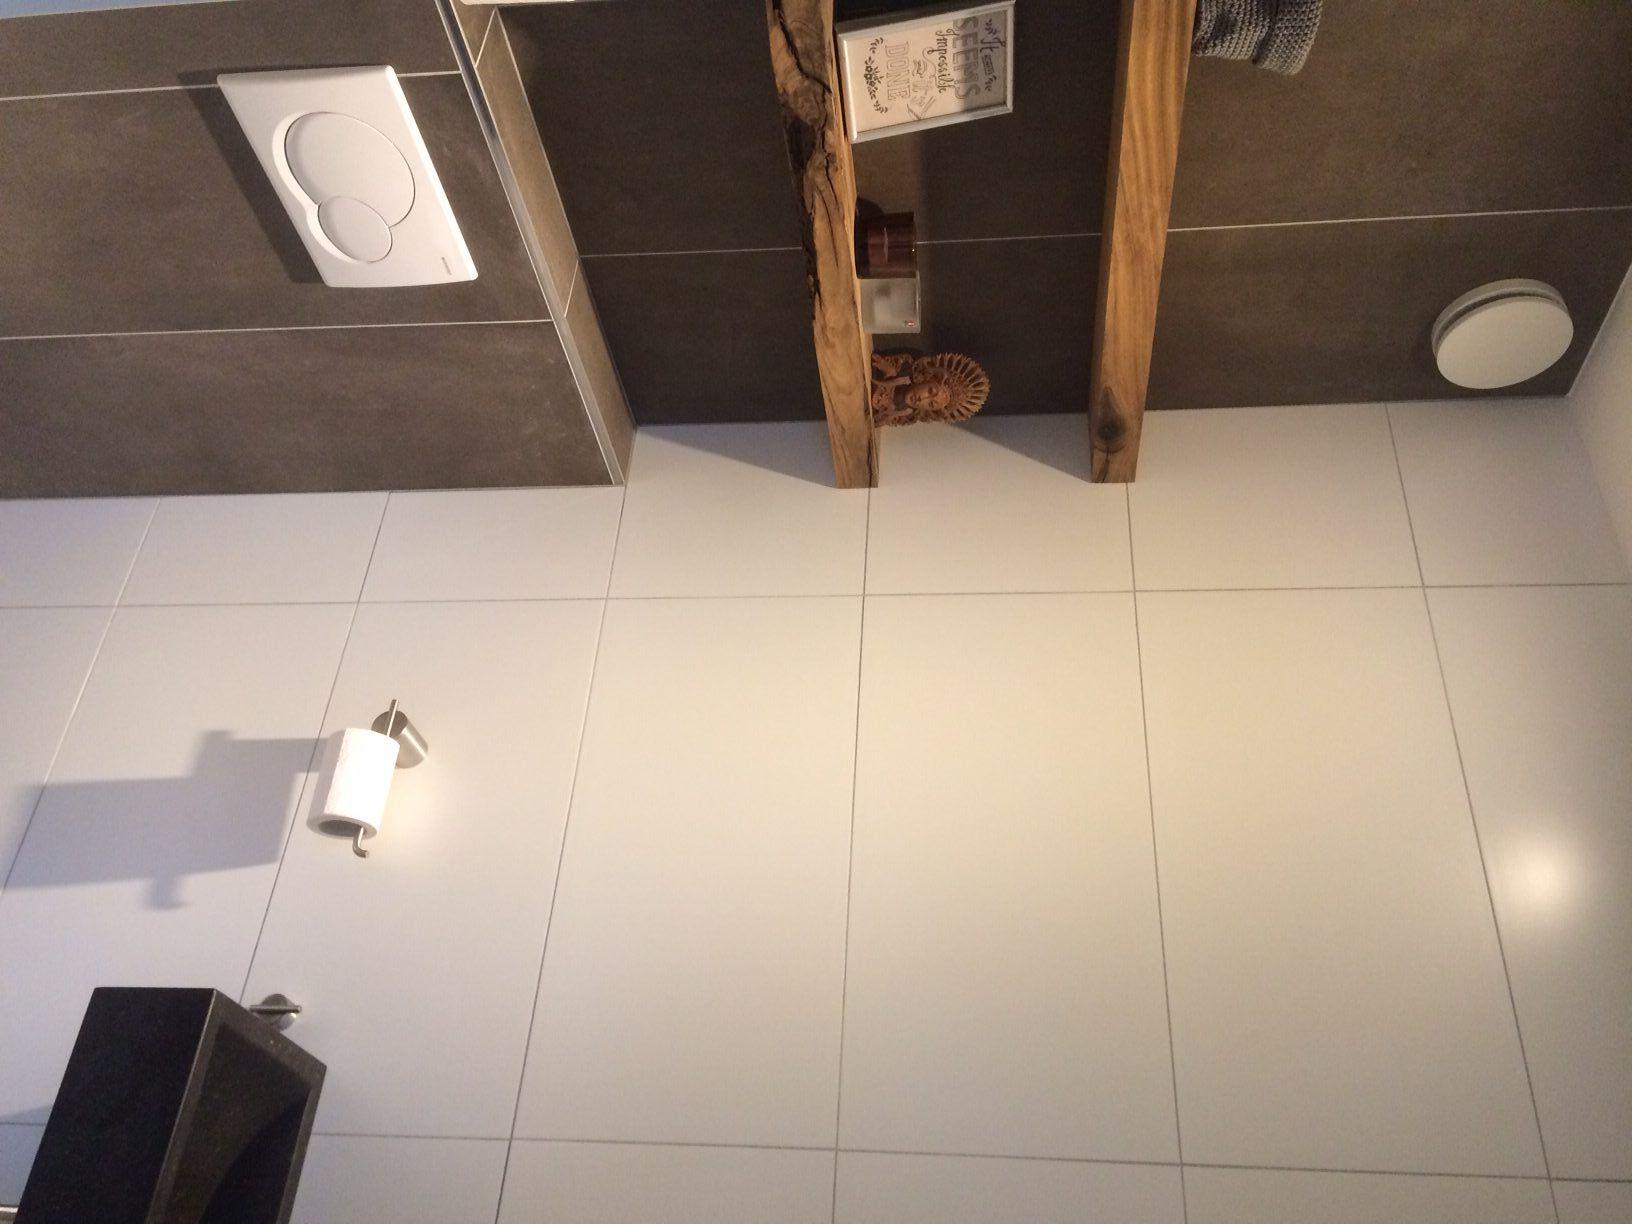 Wc betegeld met witte gecalibreerde tegels en bruine vloertegels afgewerkt met unieke planken - Wc tegel ...